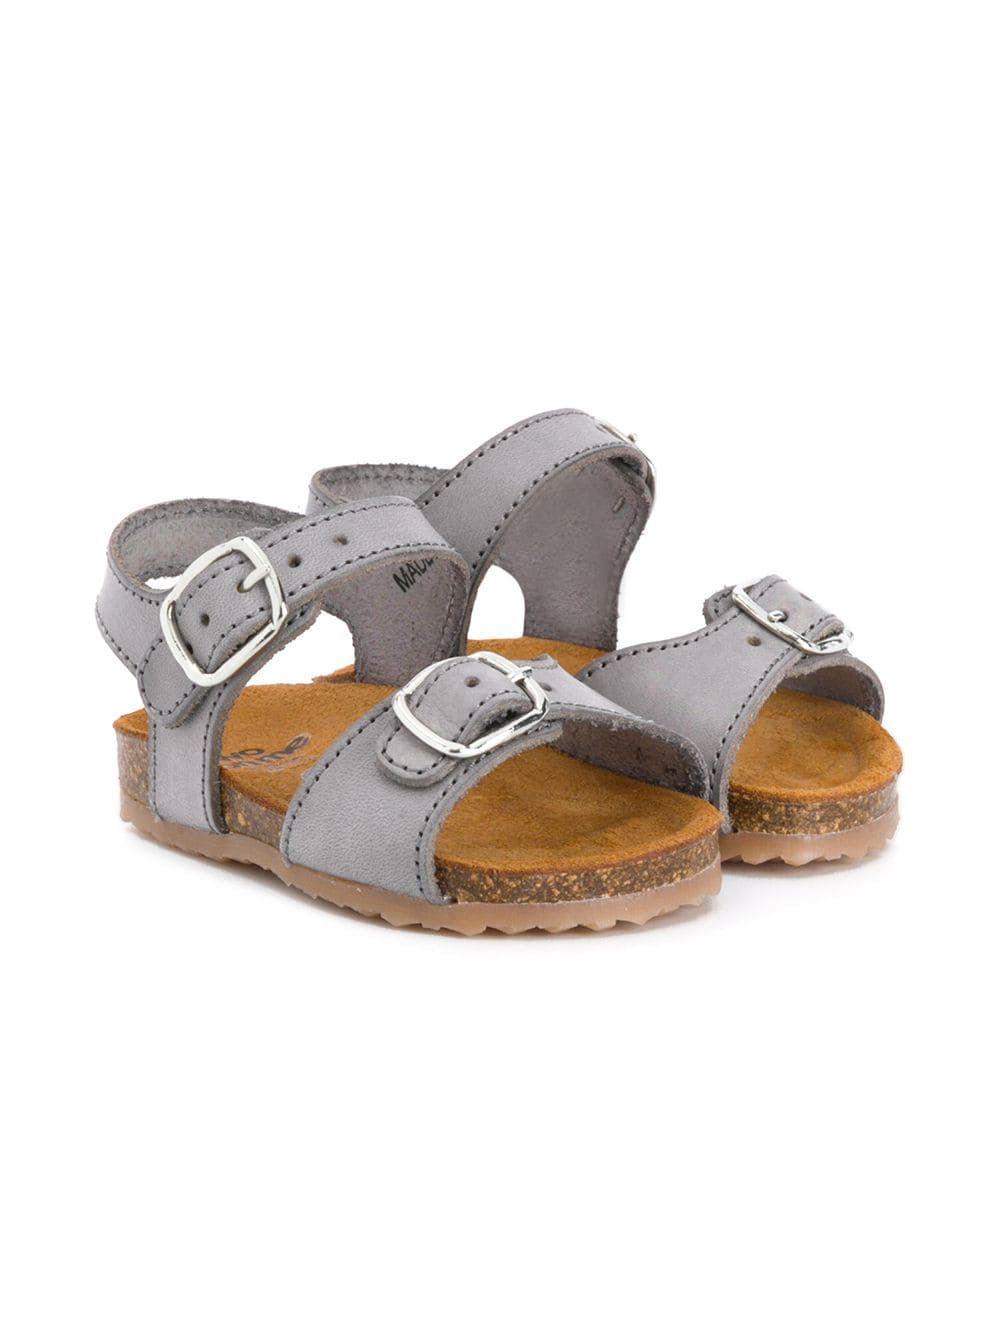 04dcae68c Pépé Kids Open Toe Buckle Sandals in 2019   Products   Kid shoes ...